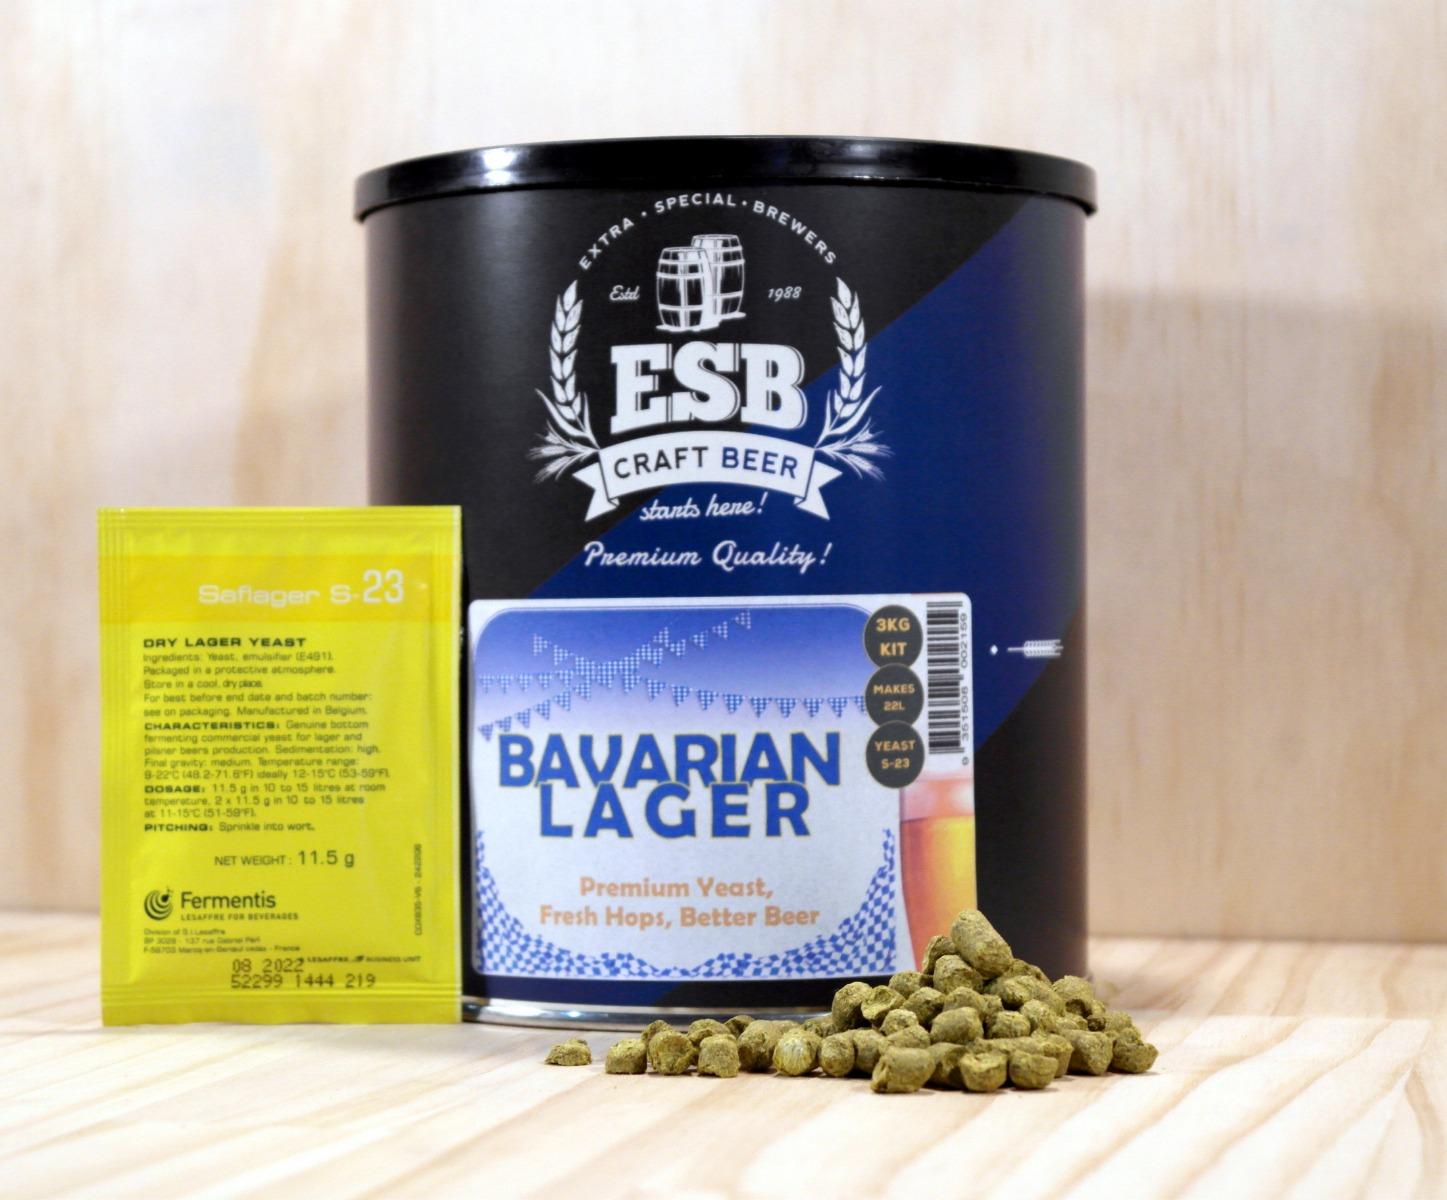 ESB 3kg Bavarian Lager